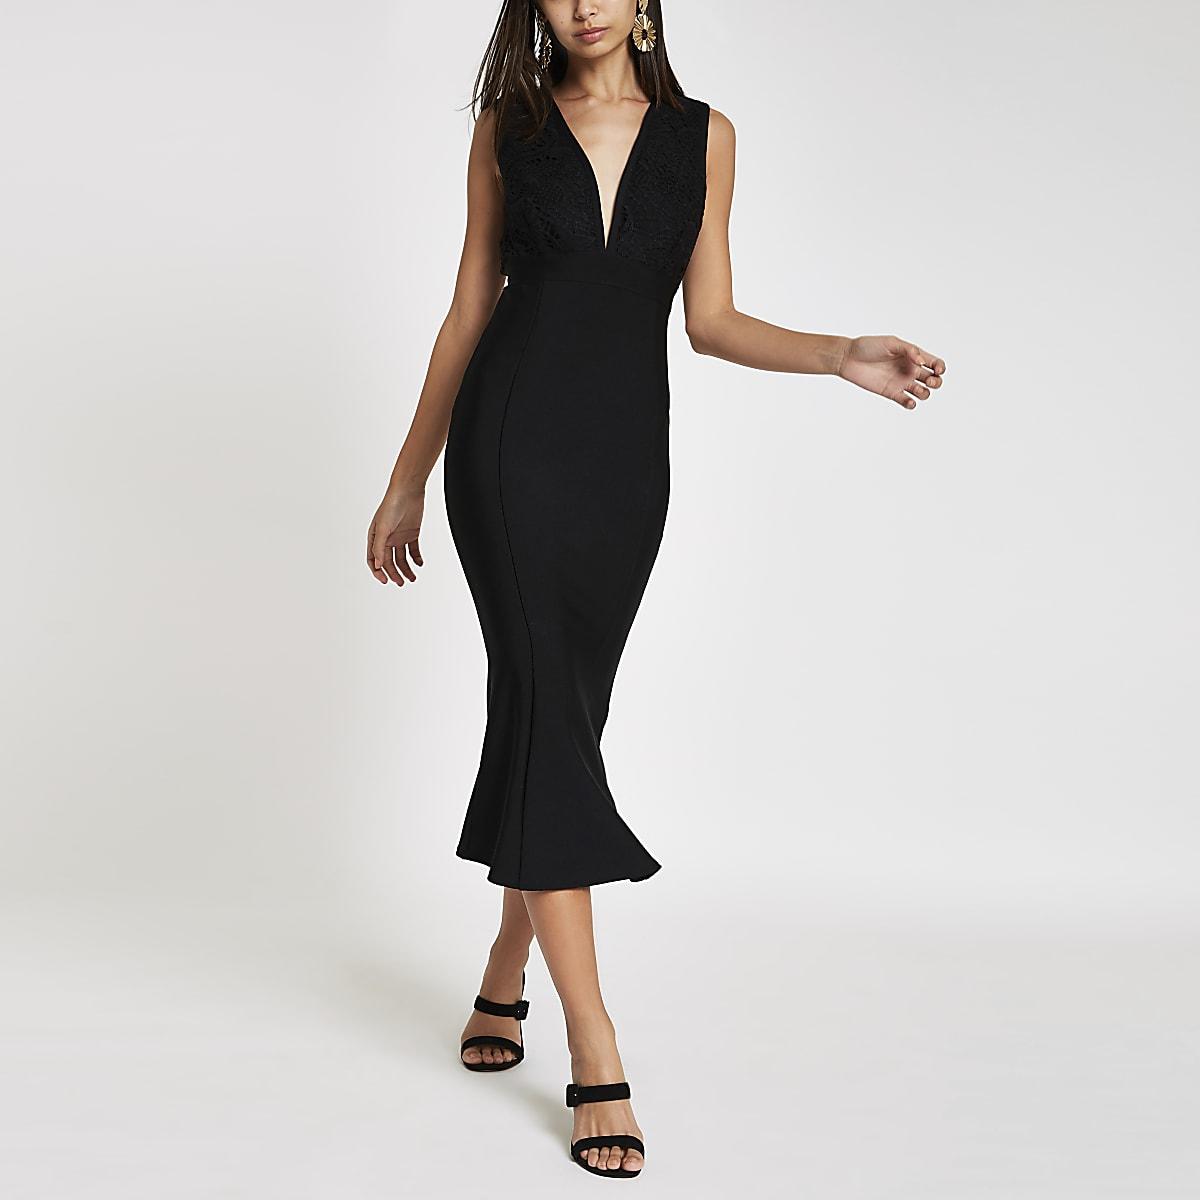 3a212ba5b0f0 Forever Unique black bodycon midi dress - Bodycon Dresses - Dresses - women